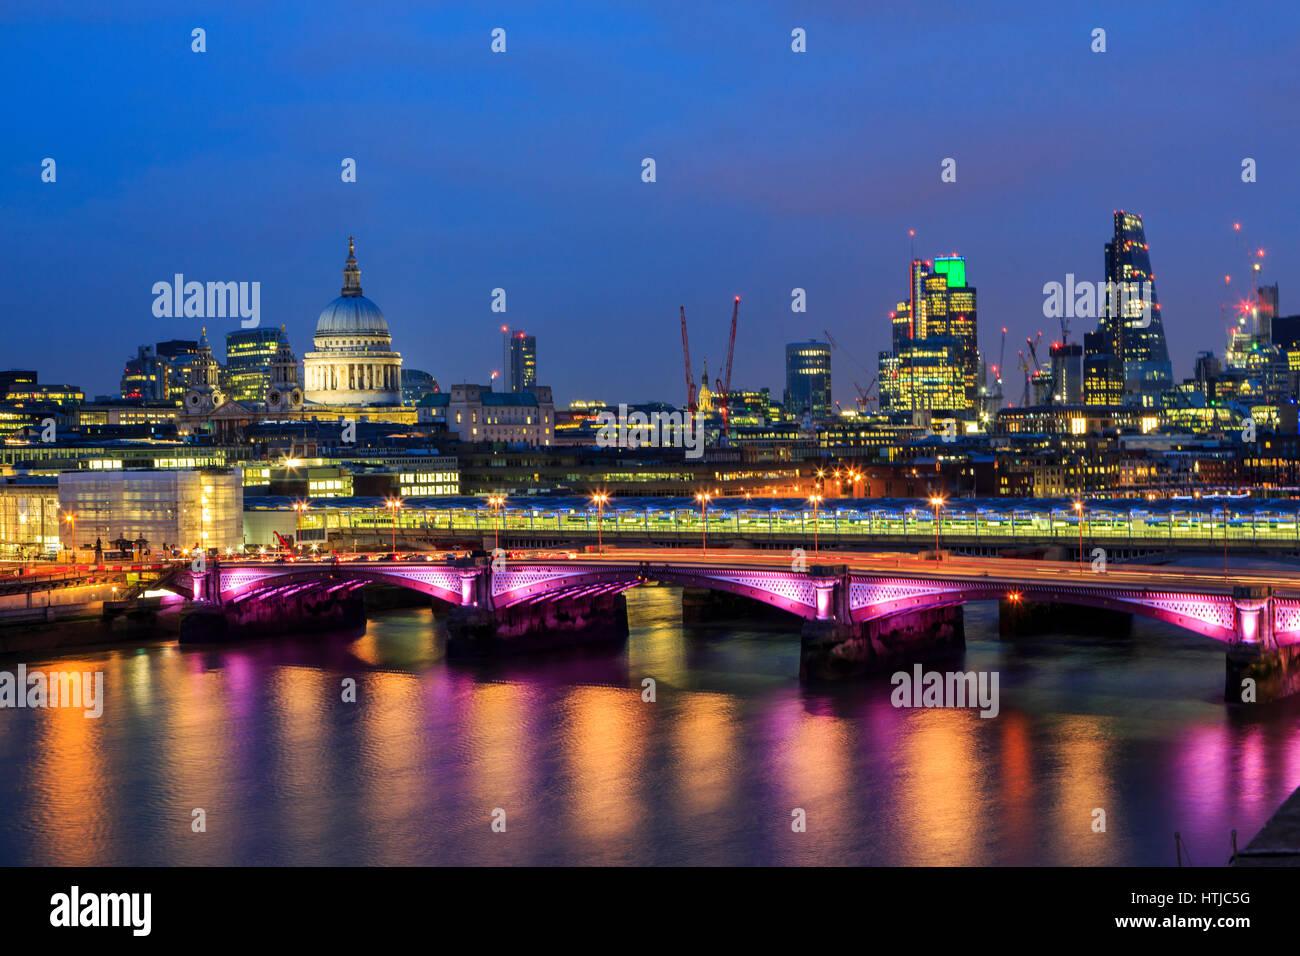 Str. Pauls Kathedrale Twilight Panorama, London, UK Stockbild